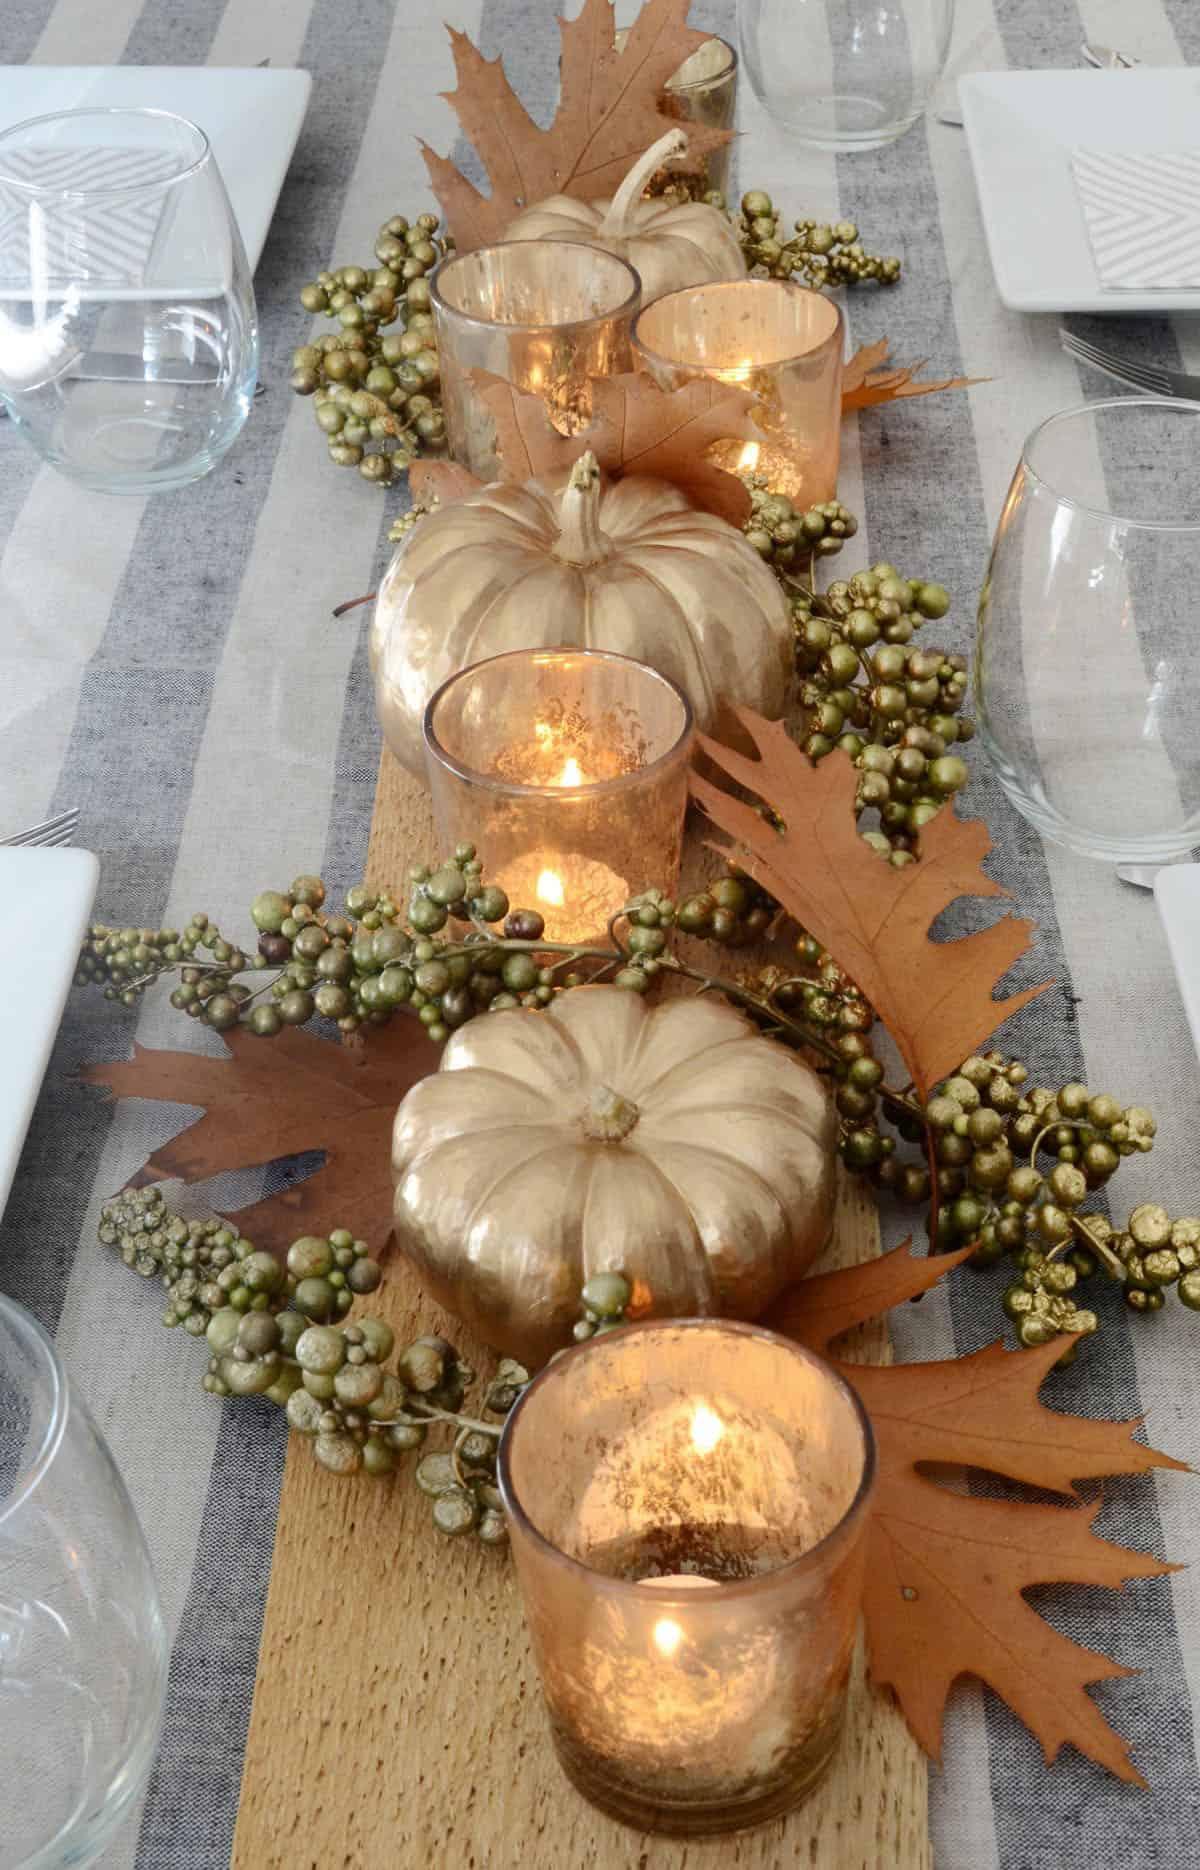 diy-pumpkin-table-centerpiece-idea